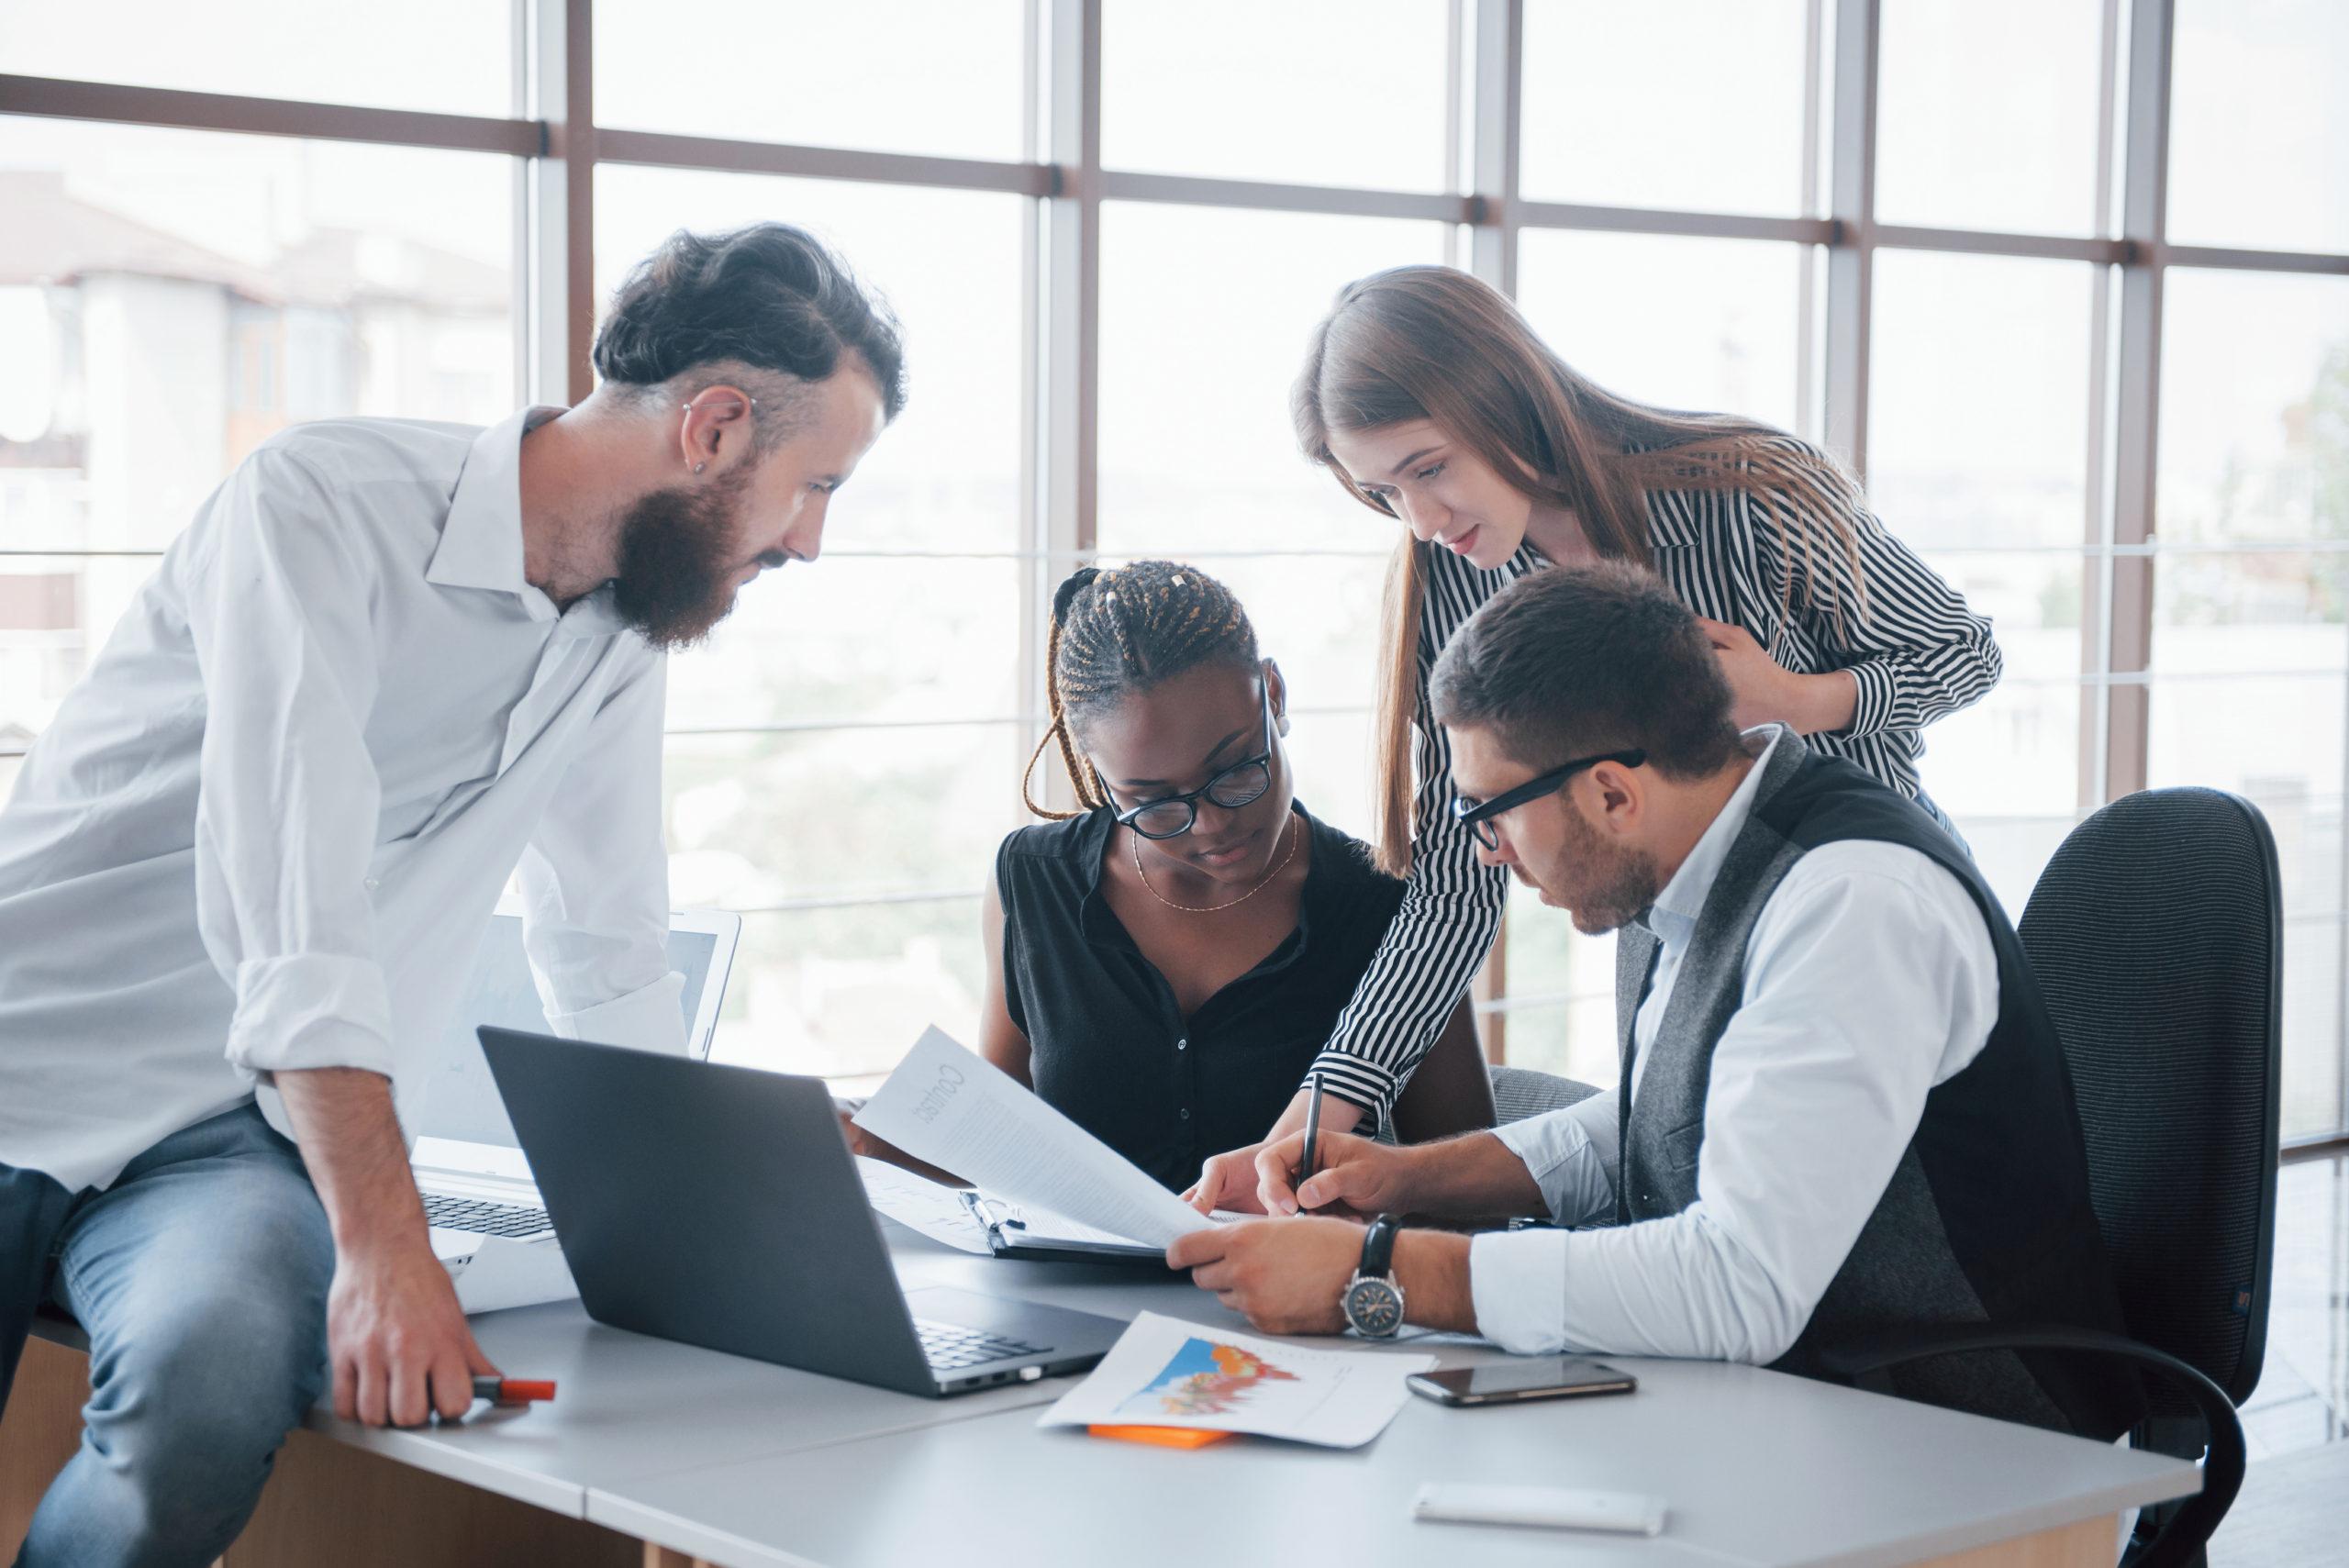 O que é preciso para atrair bons funcionários?